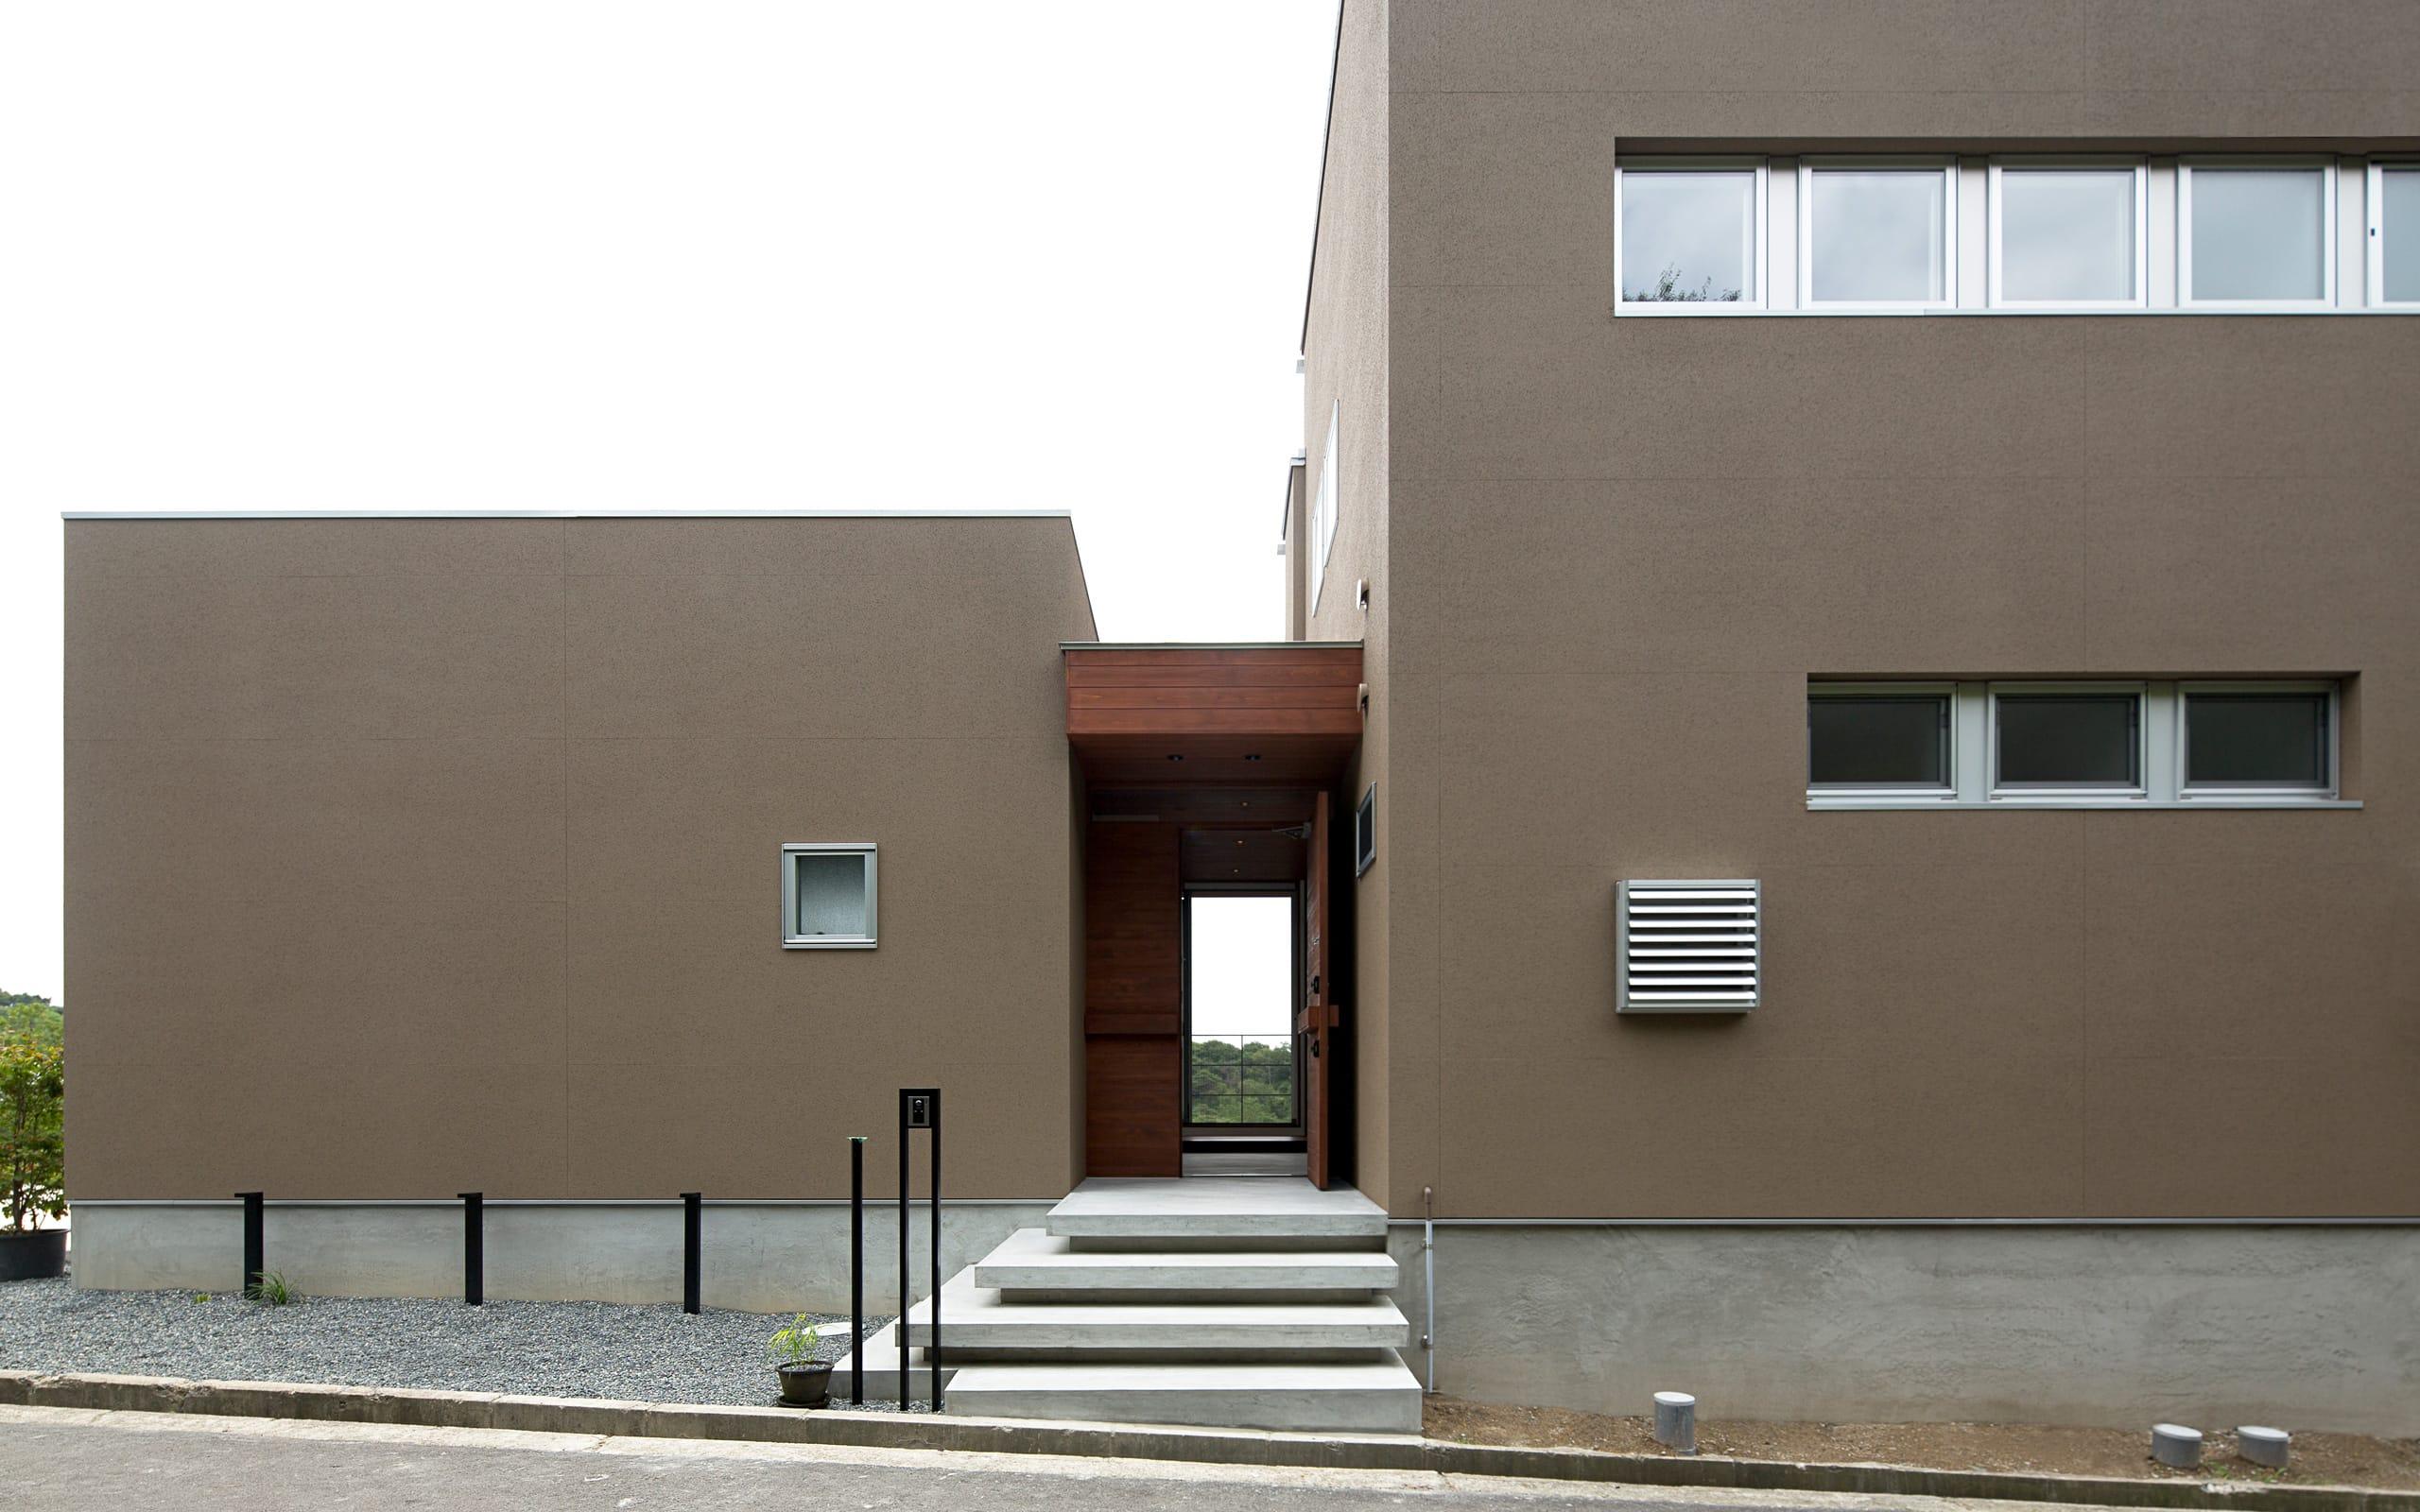 傾斜地に建つアウトドアデッキのある家の外観1